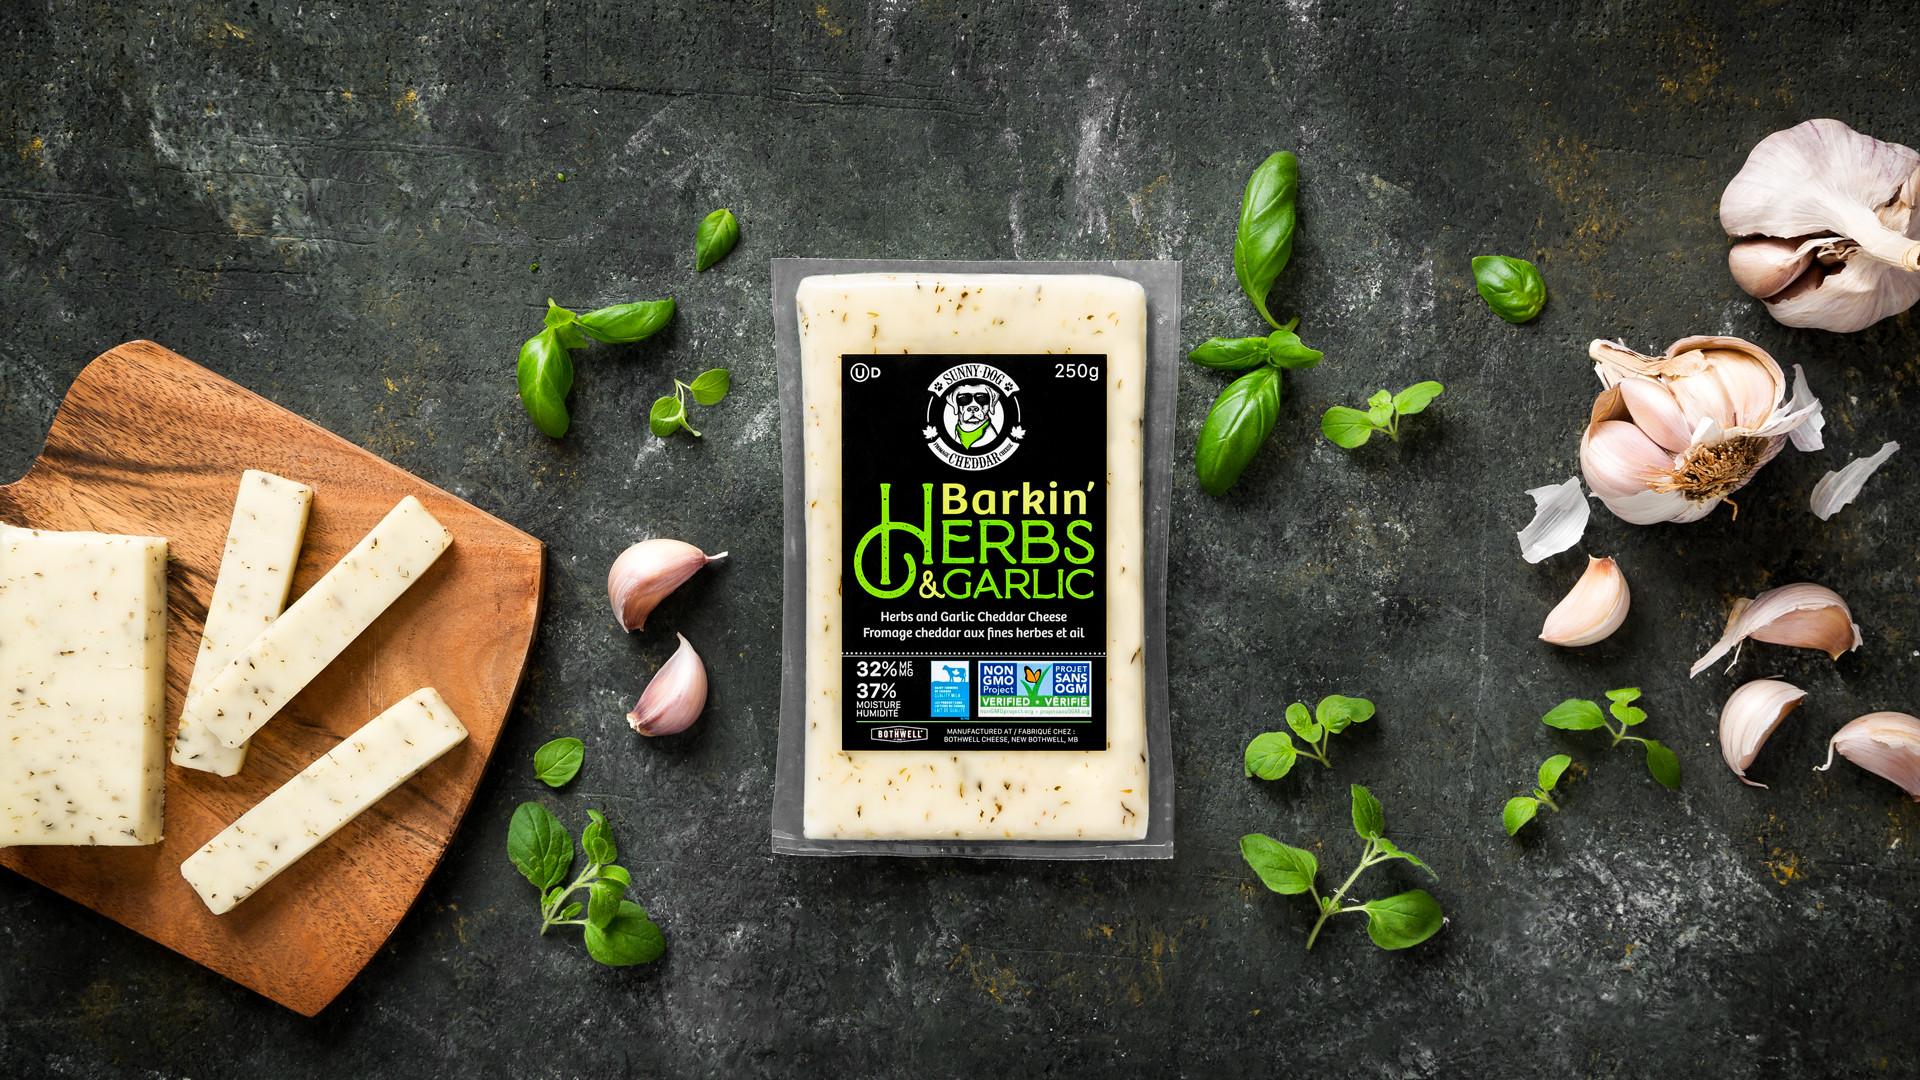 Win a Bothwell Cheese Sunny Dog Barkin' Herb & Cheddar prize pack | Sunny Dog Barkin' Herb & Cheddar